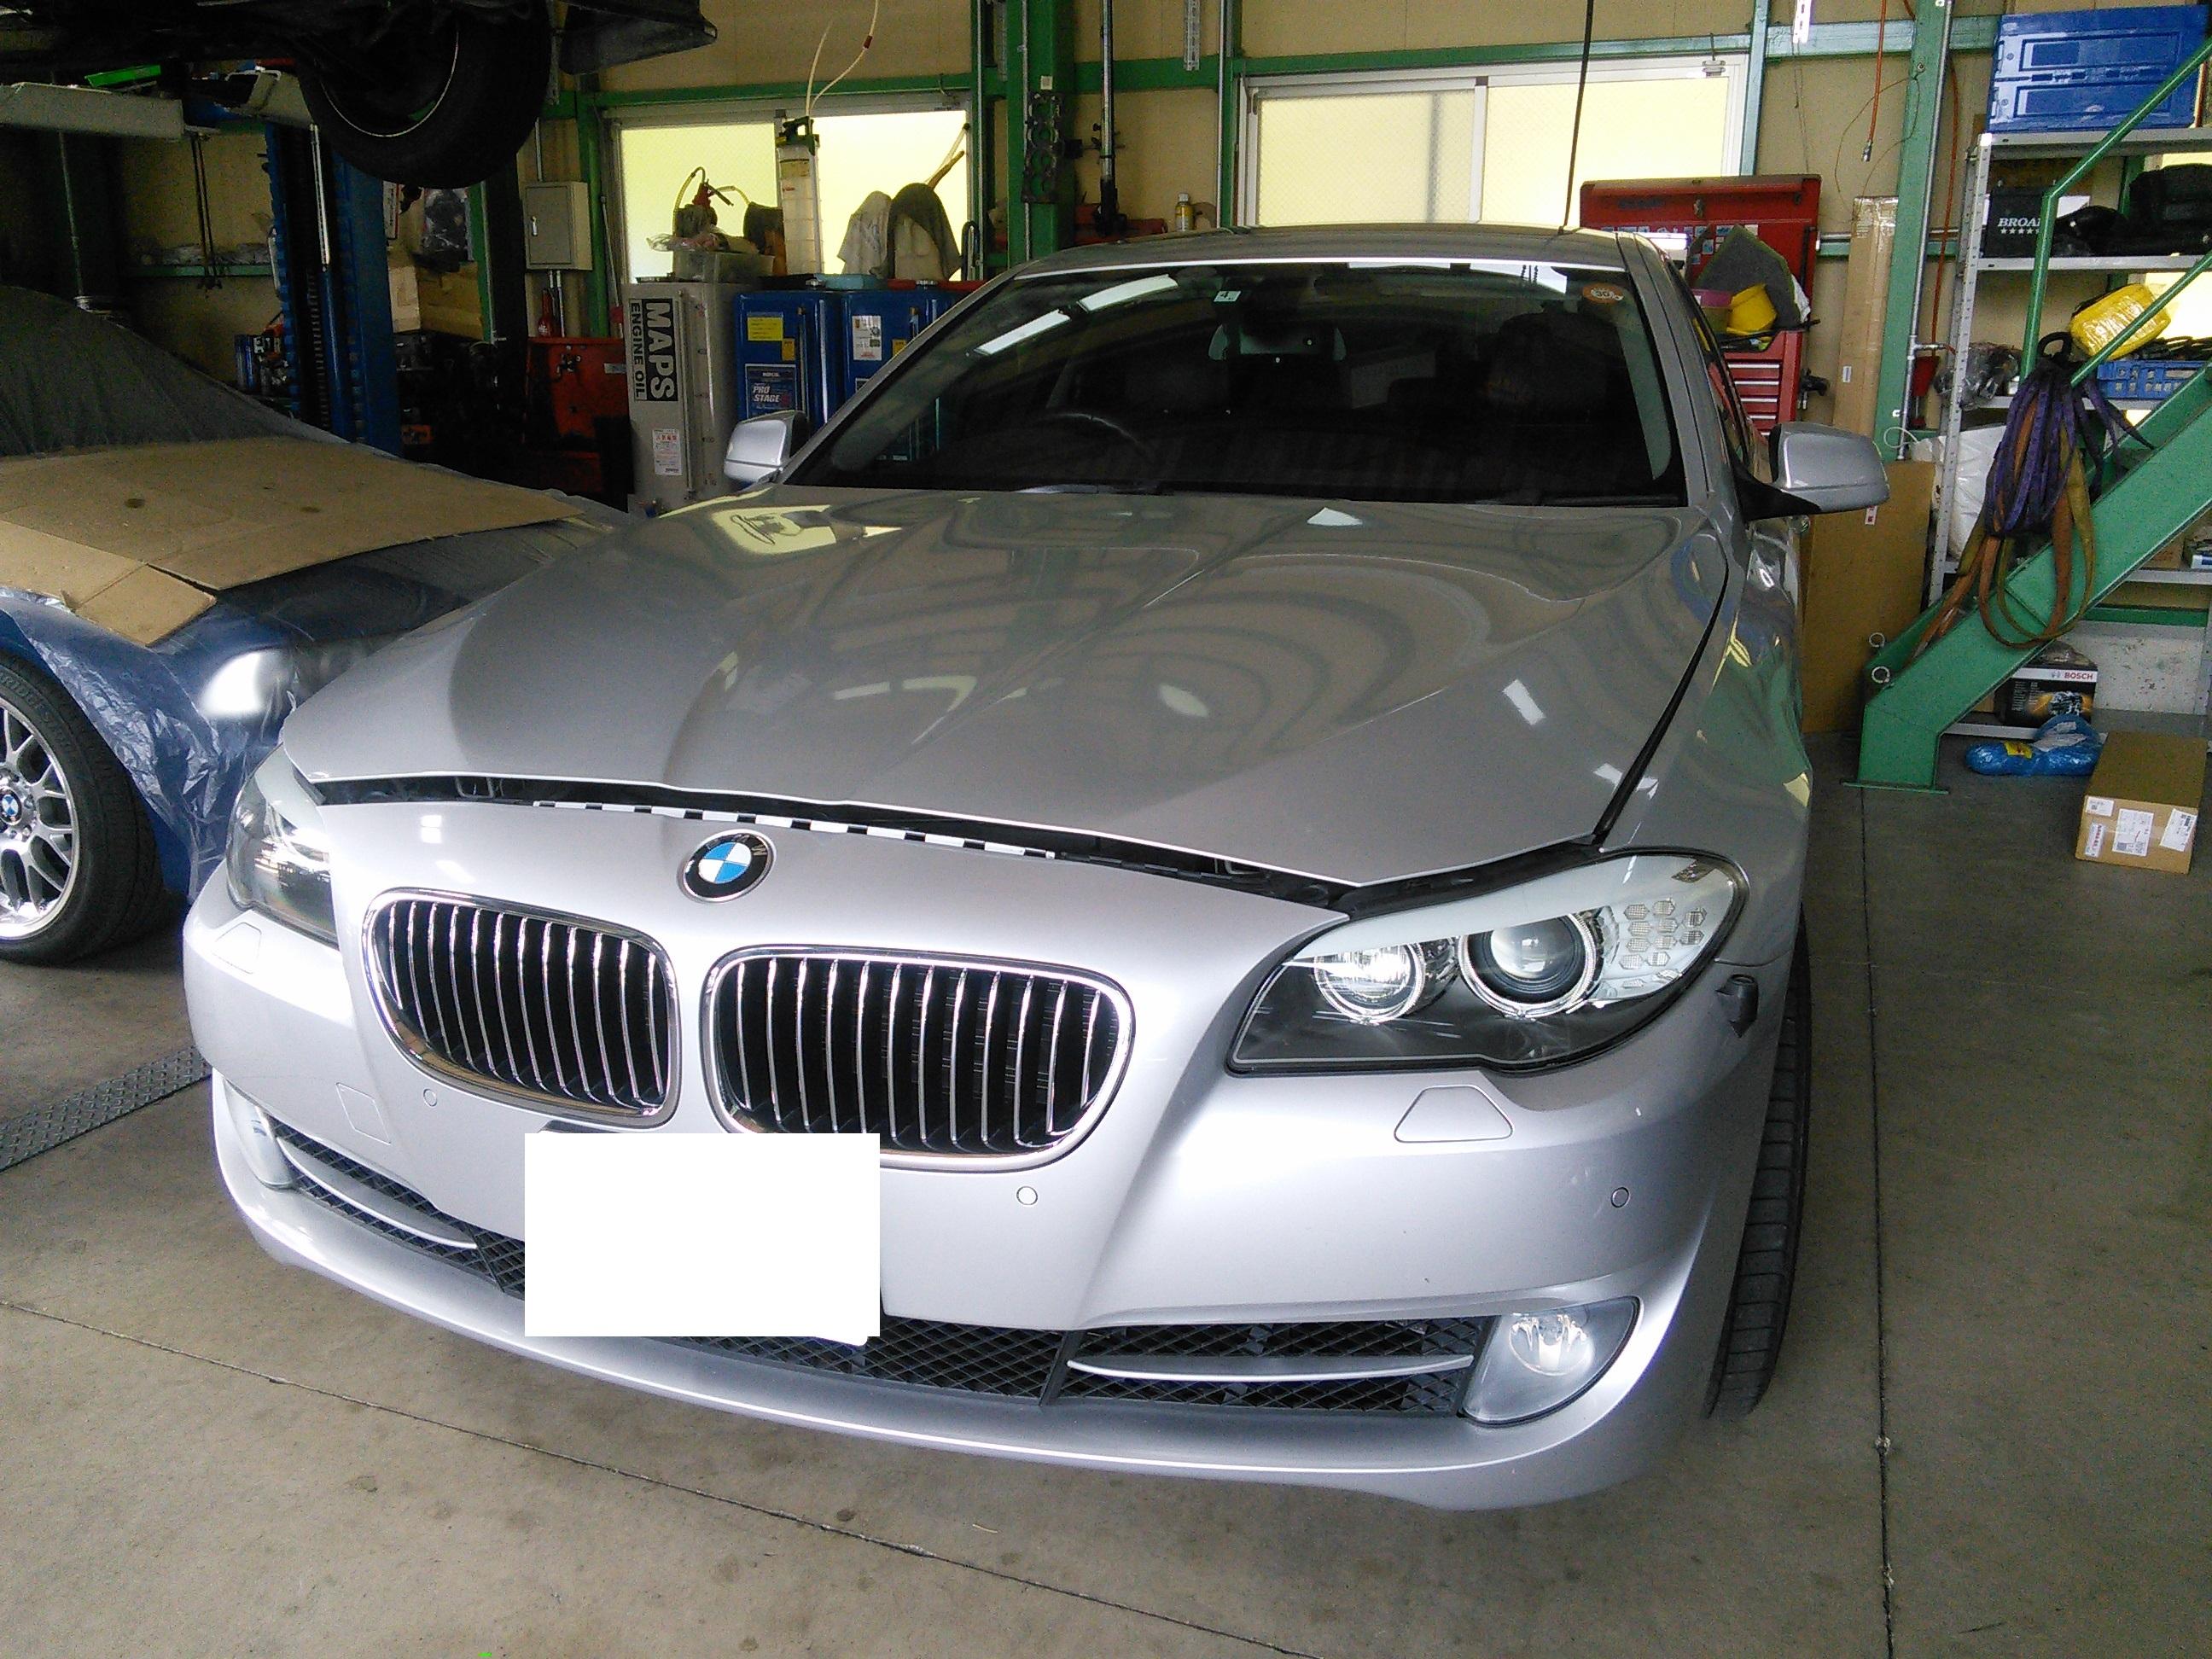 BMW F10 エアコンガス漏れ  エアコン修理が非常に増えてきました